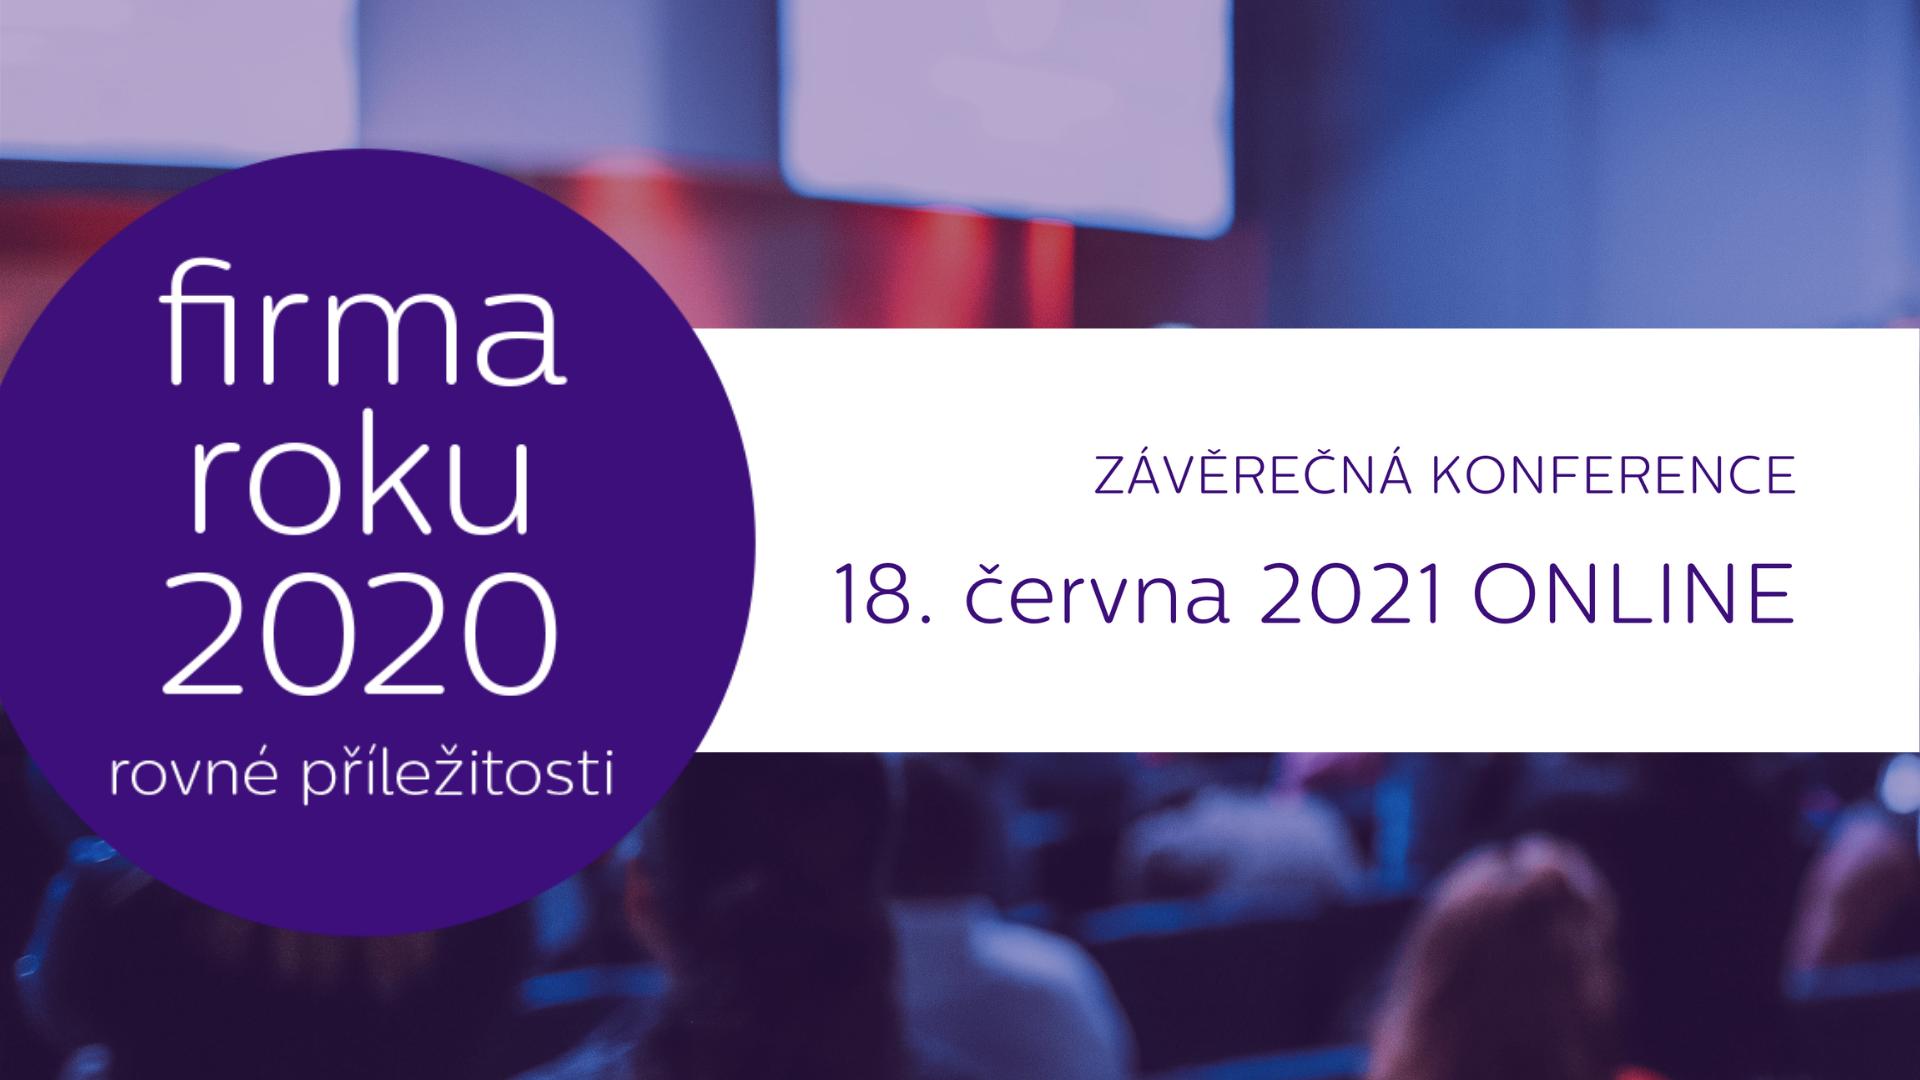 Firma roku 2020_závěrečná konference